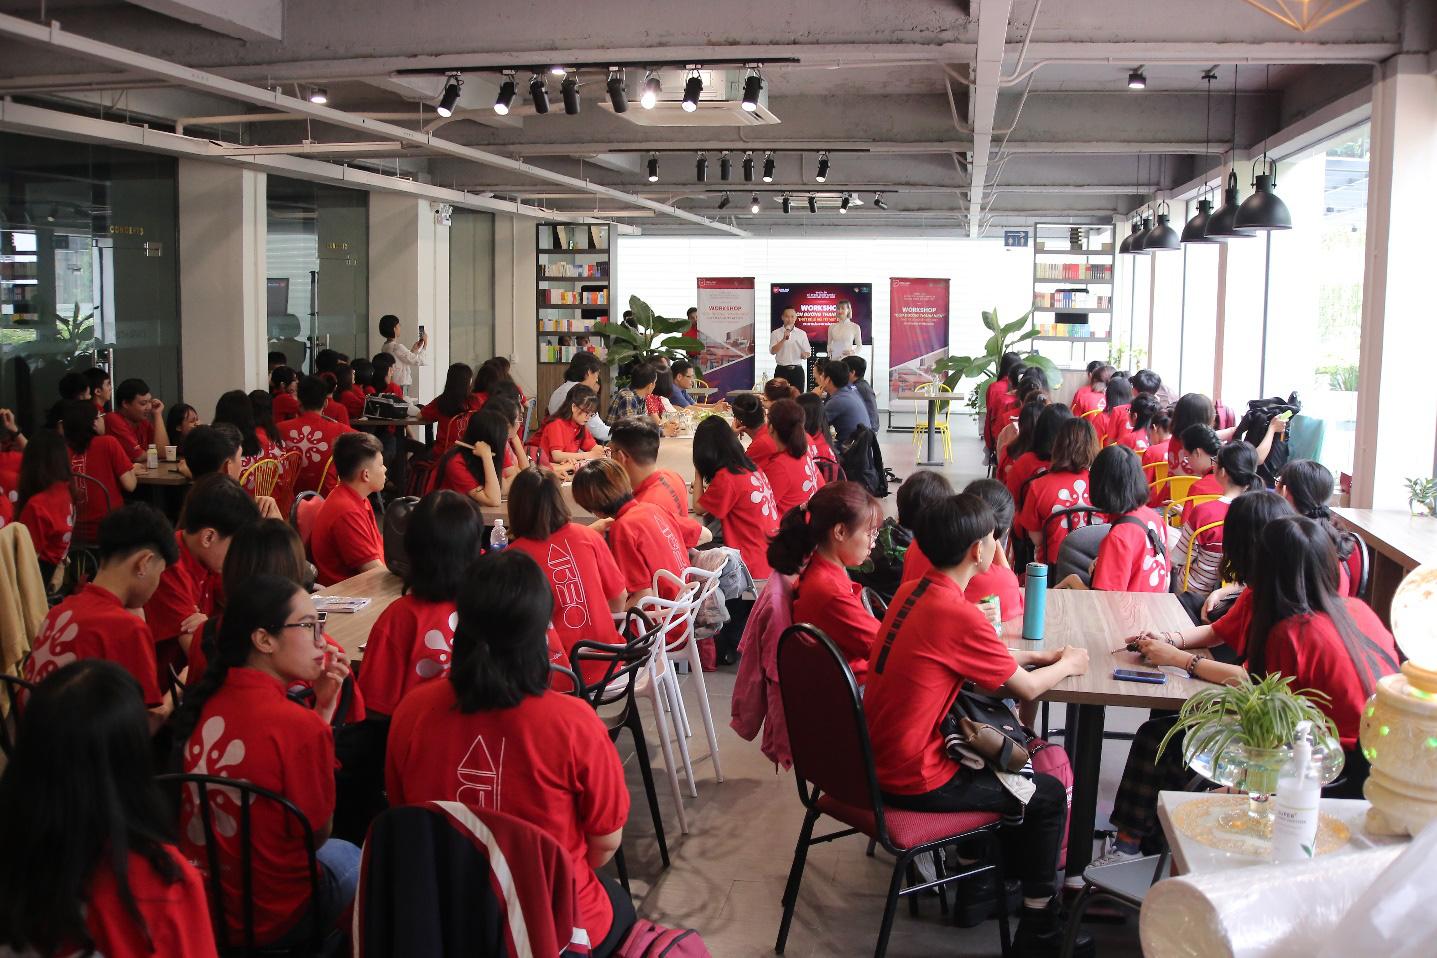 Lần đầu tiên Nhà Văn hóa Thanh niên cộng tác cùng sinh viên ĐH Văn Lang thực hiện Lễ hội Tết Việt - Ảnh 1.